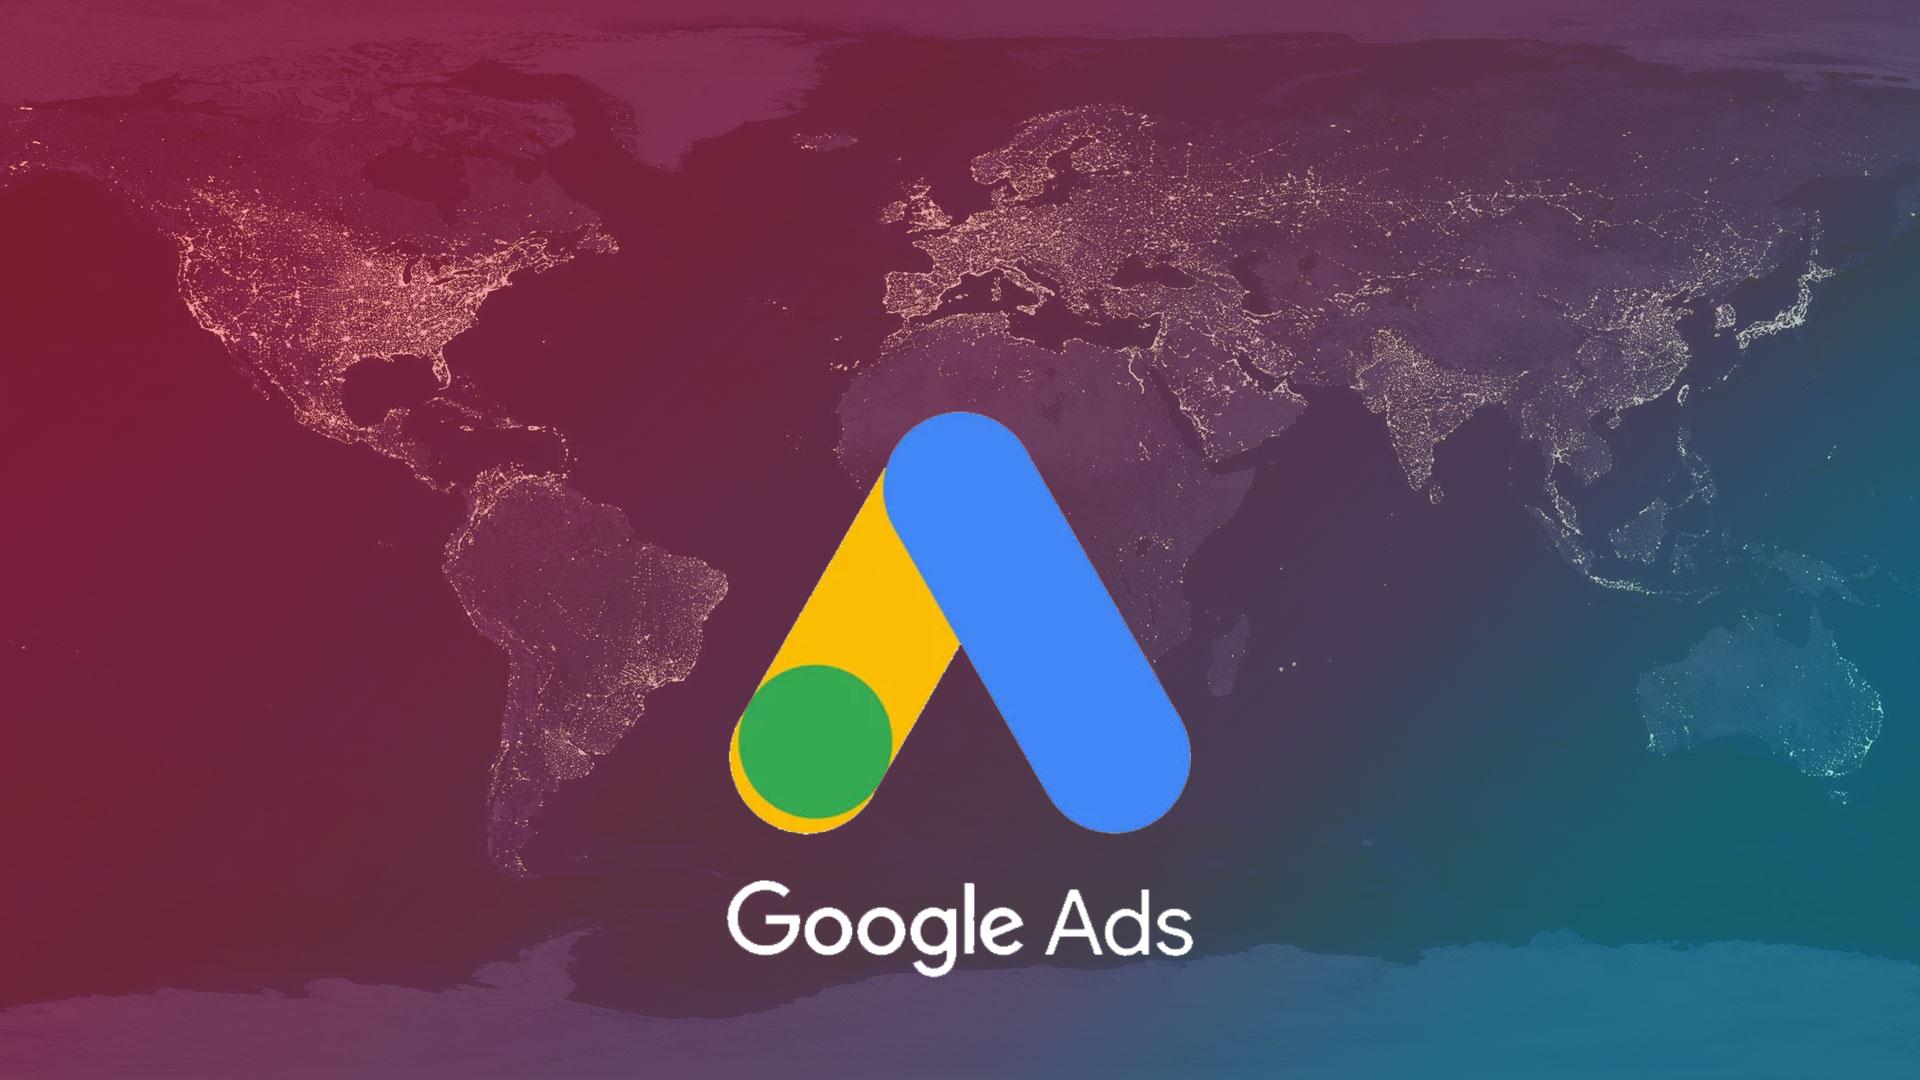 🚀Практическое руководство по запуску Google Ads на нутру и физтовары